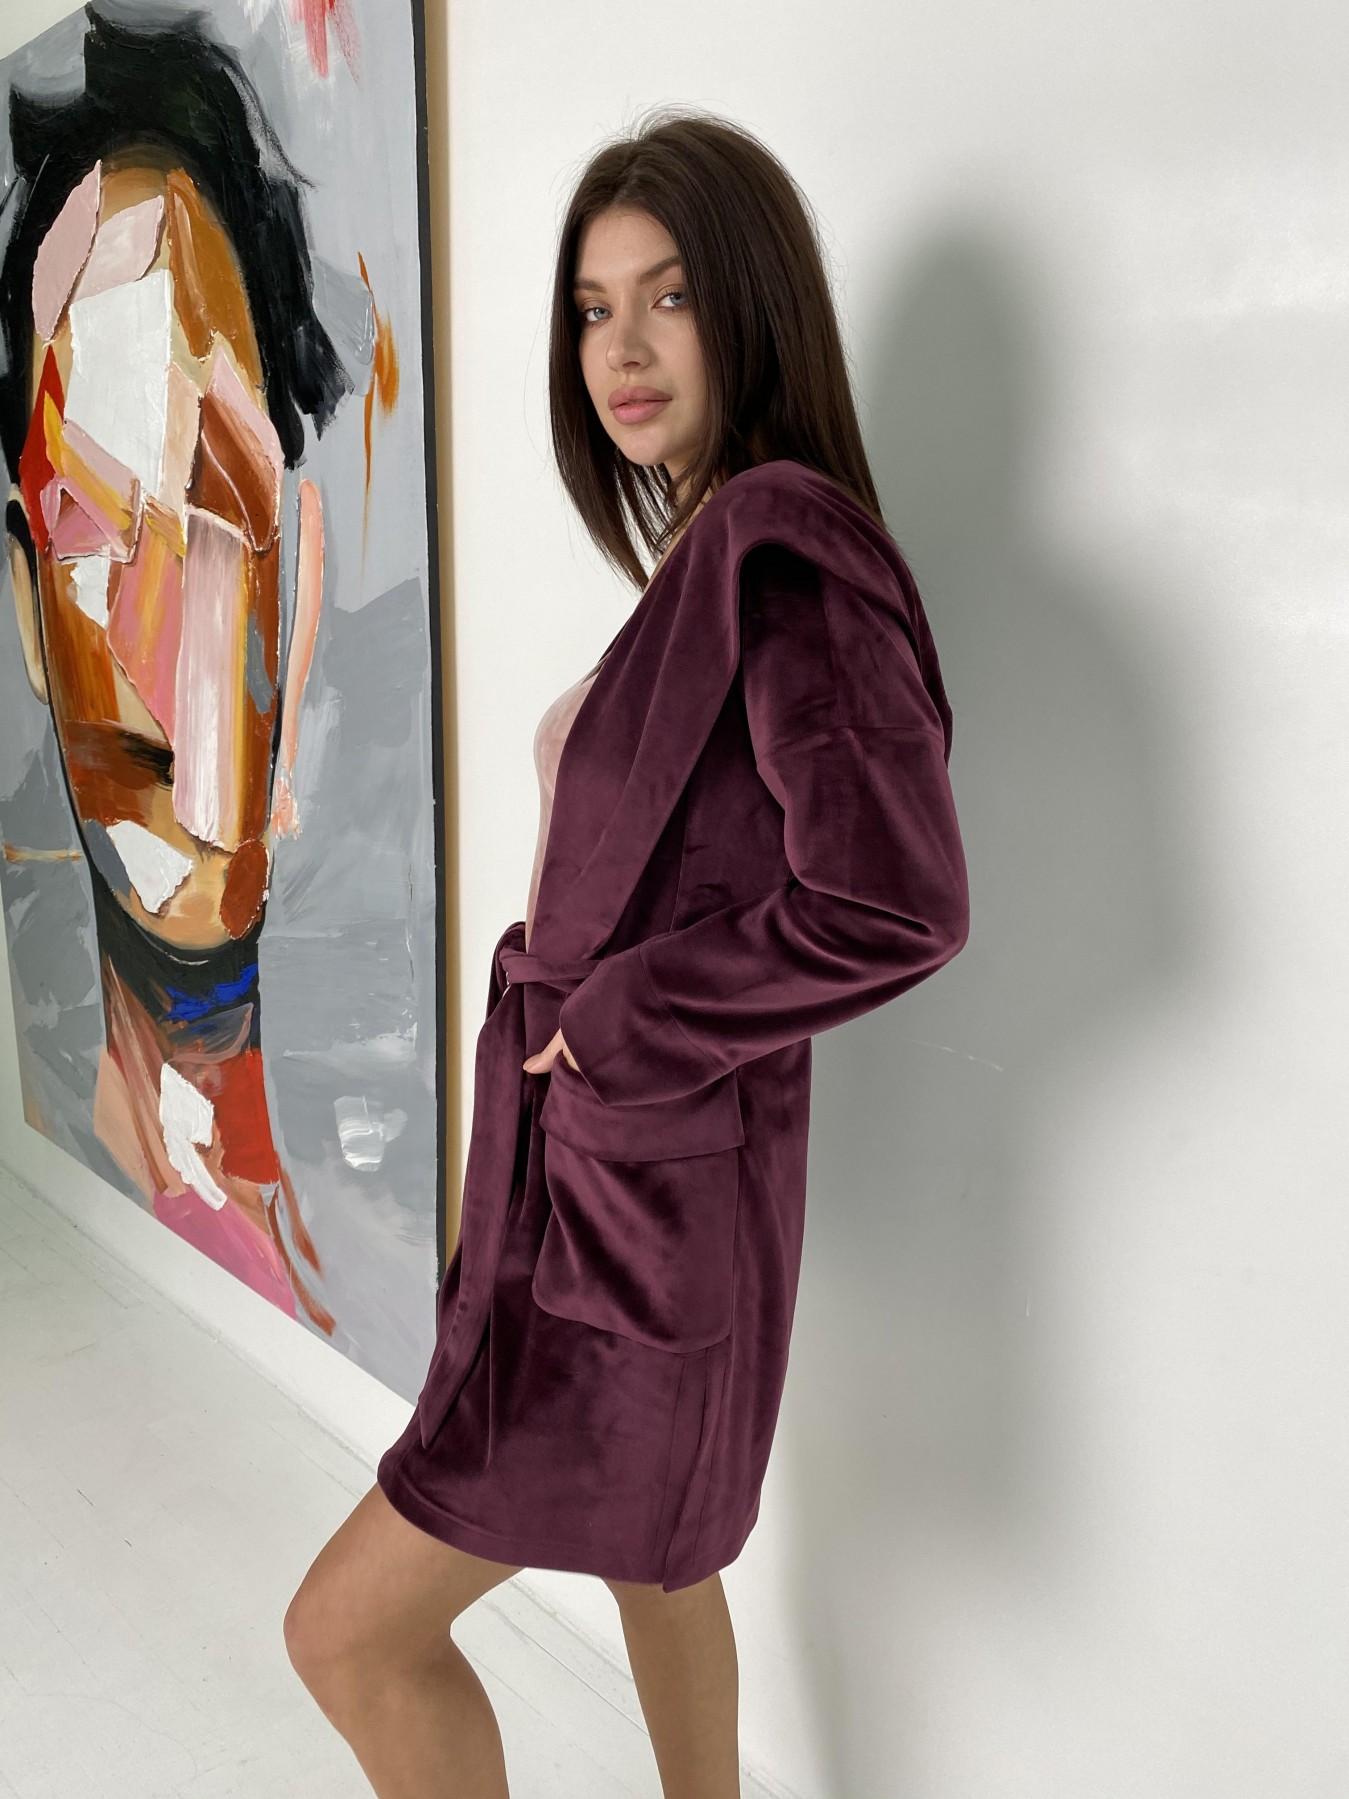 Фабьен халат из  велюровой ткани  10483 АРТ. 46840 Цвет: Марсала - фото 1, интернет магазин tm-modus.ru